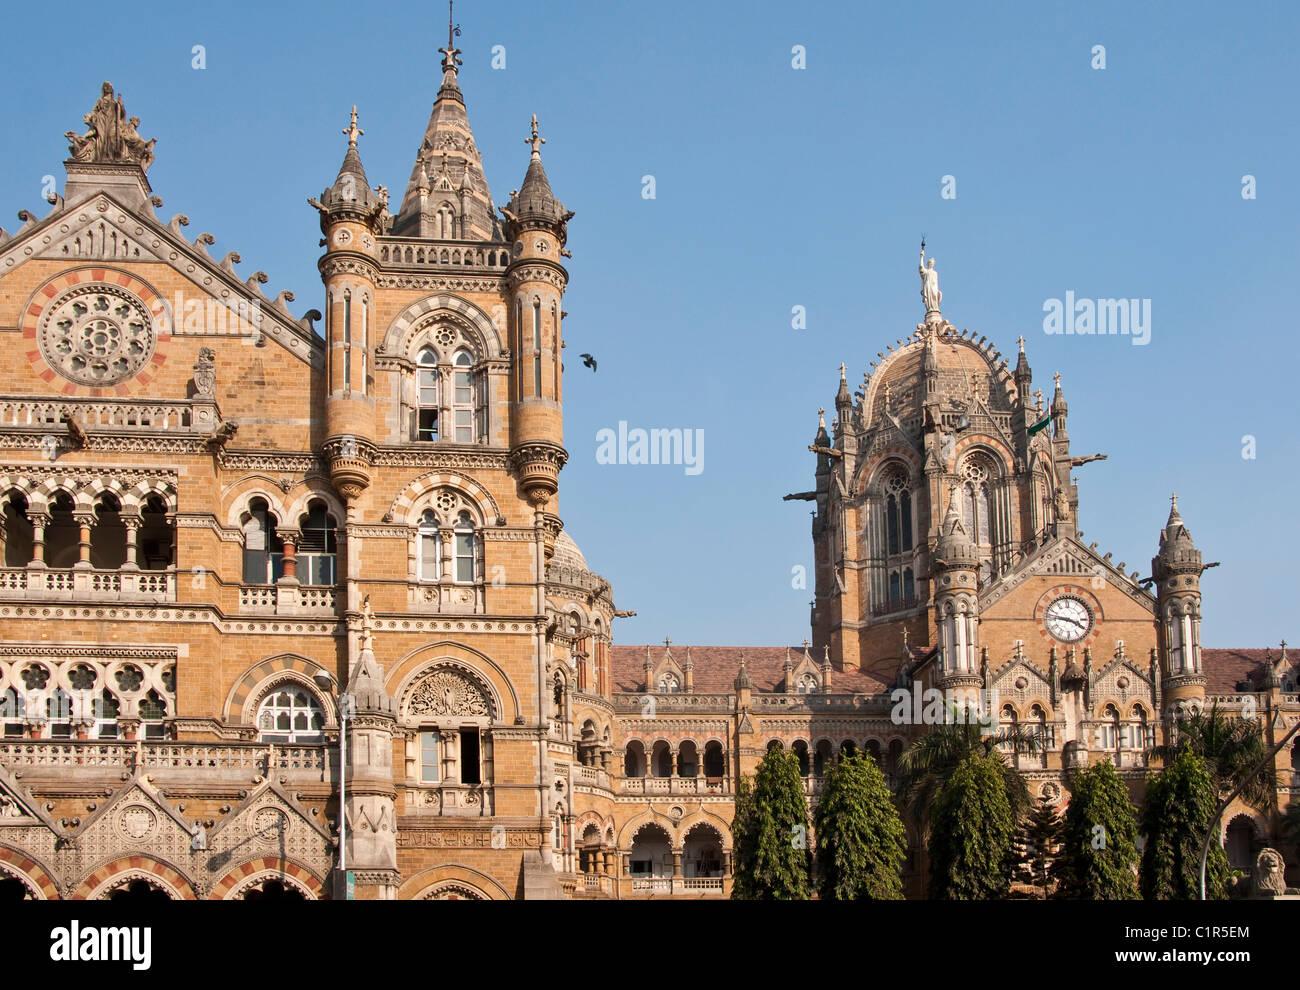 Chhatrapati Shivaji Terminus in Mumbai, formerly the Victoria Central Train Station - Stock Image